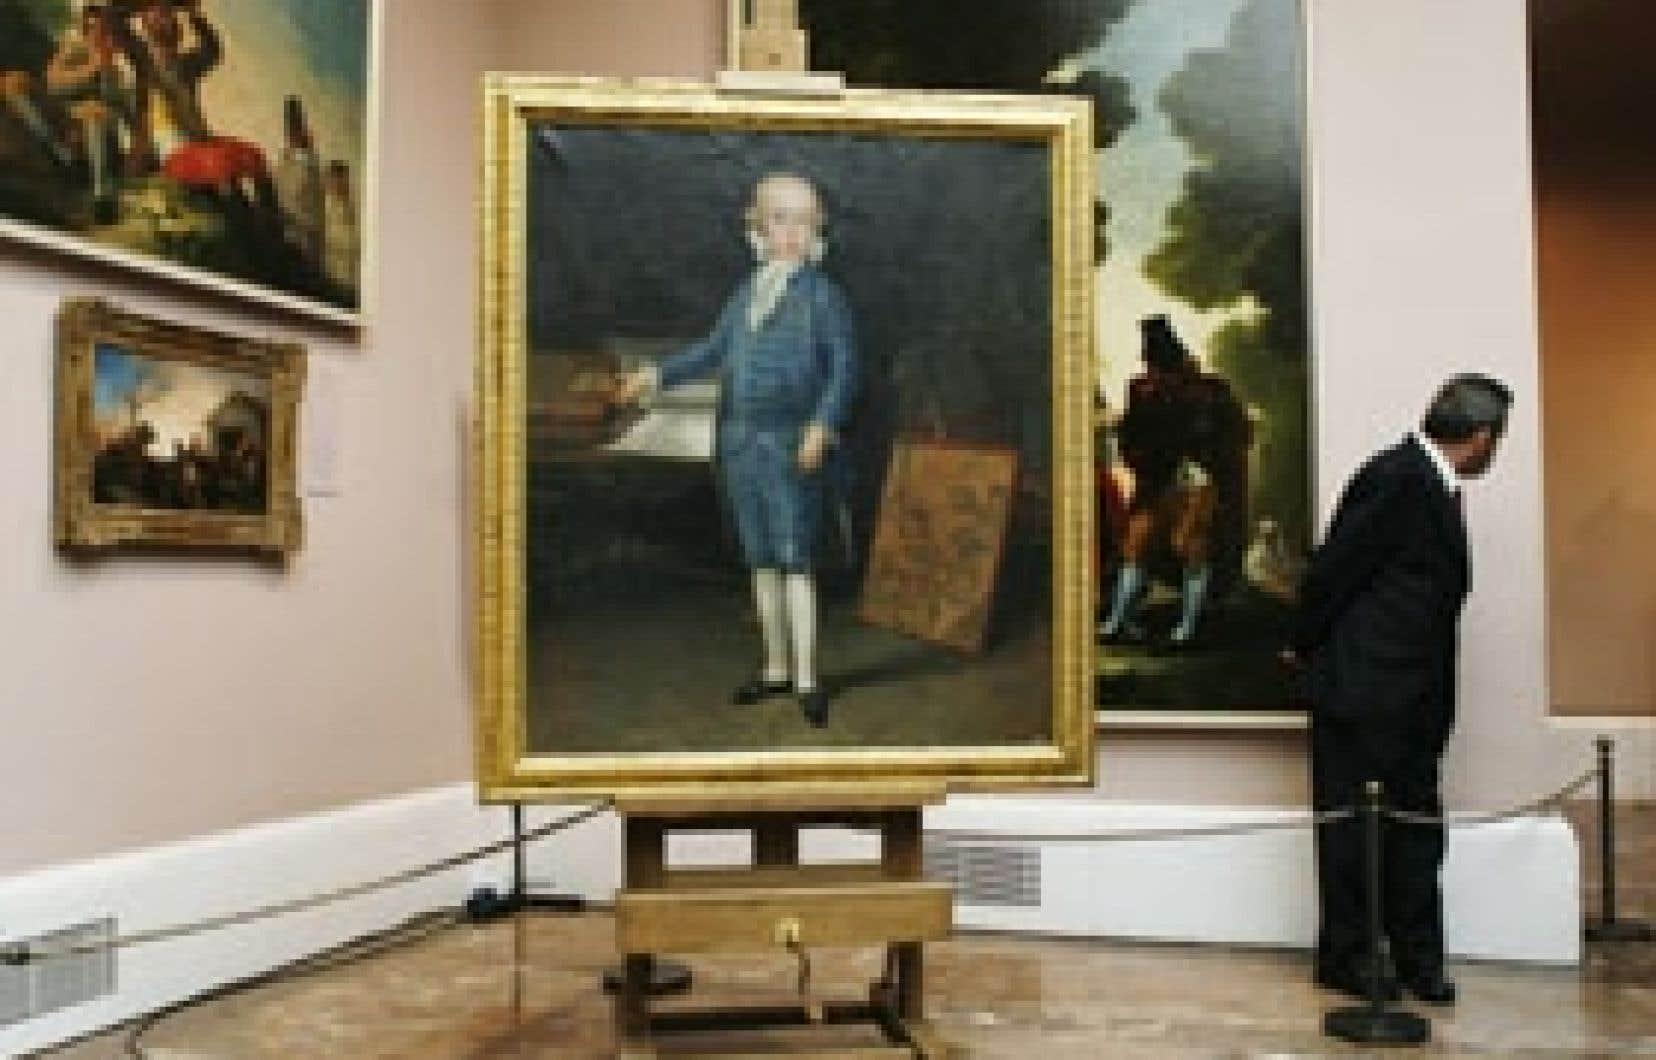 Le tableau, bien conservé, est «pratiquement dans l'état où l'avait laissé Goya», a déclaré hier le directeur adjoint du Prado, Gabriele Finaldi, lors de la présentation de cette oeuvre à la presse.